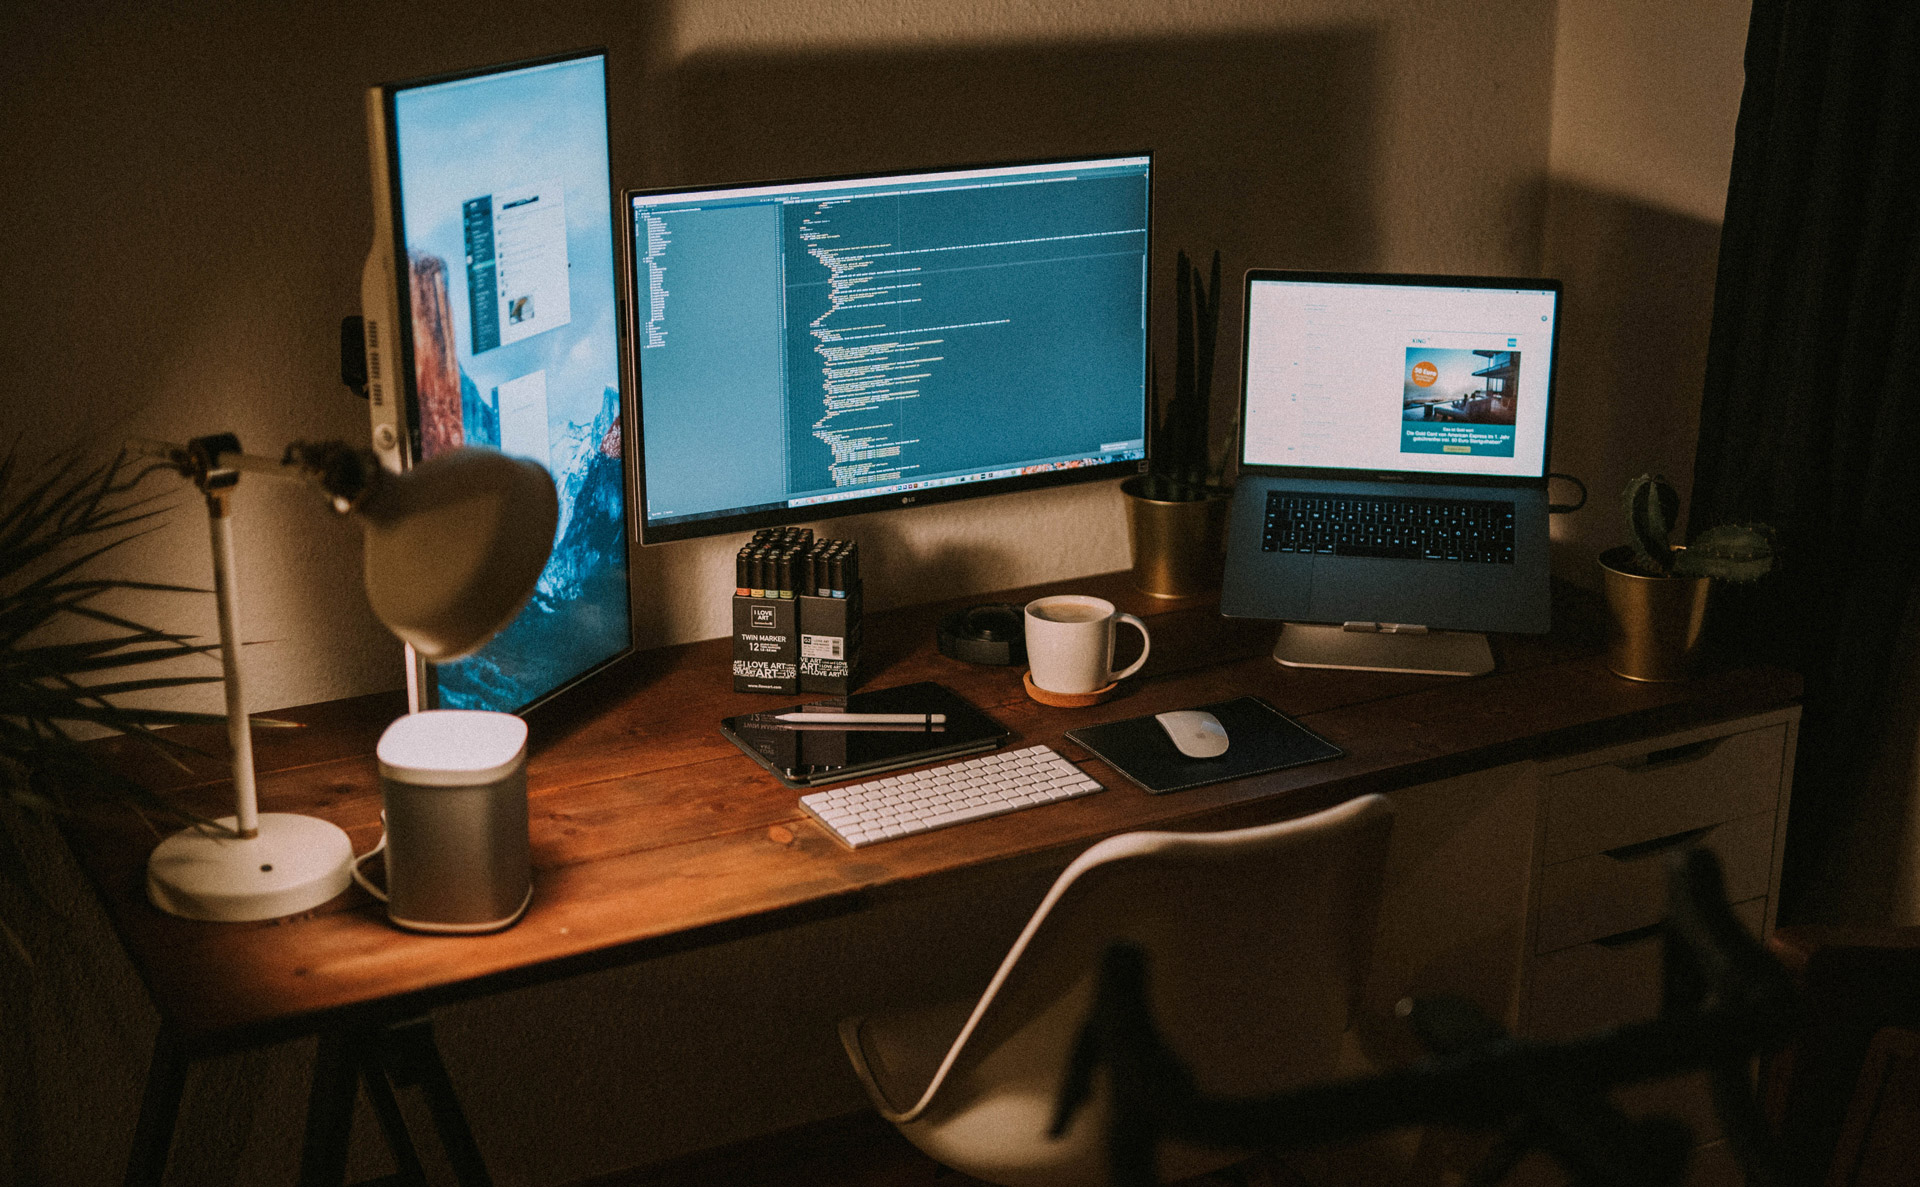 失敗しない!MacBookを外部ディスプレイに接続するときの注意点をご紹介